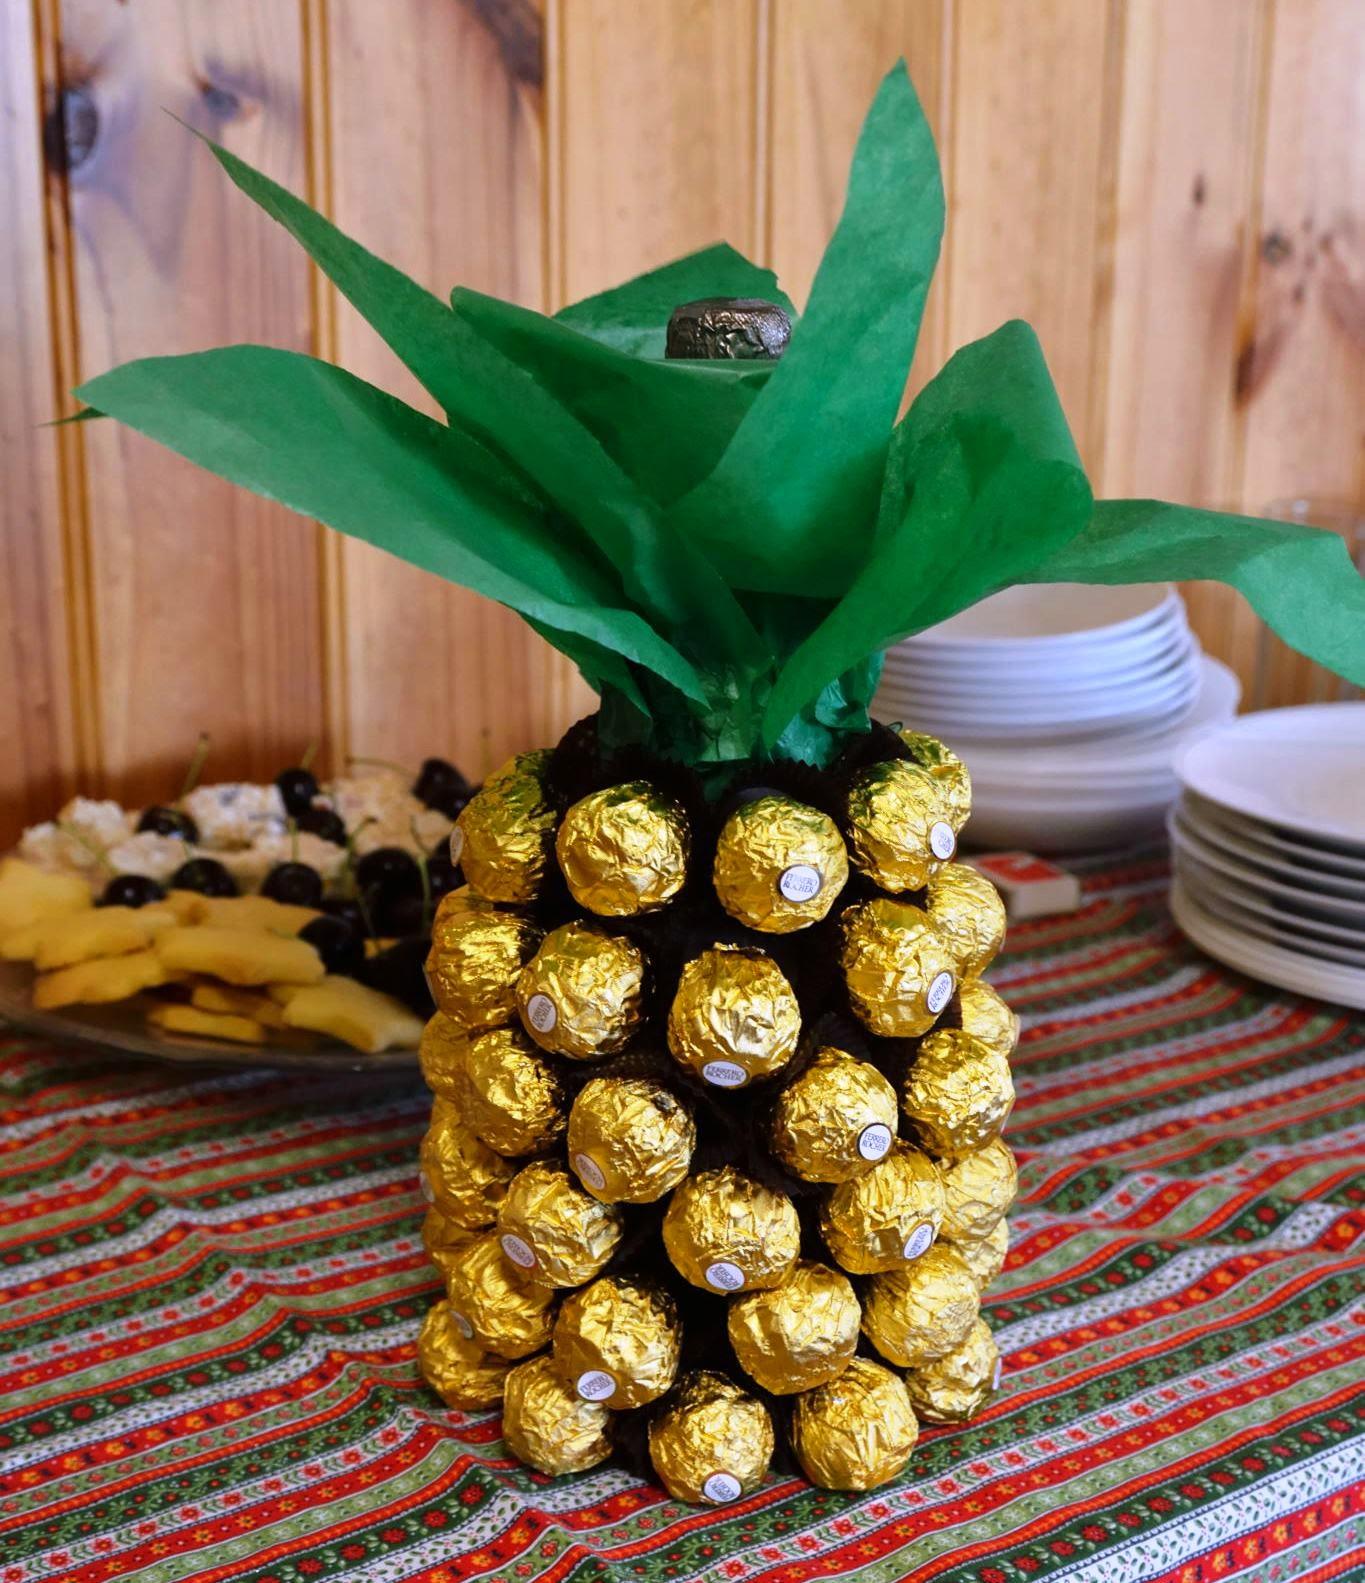 Christmas Pineapple.Pineapple Princesses Wishing You All Pineapples For Christmas